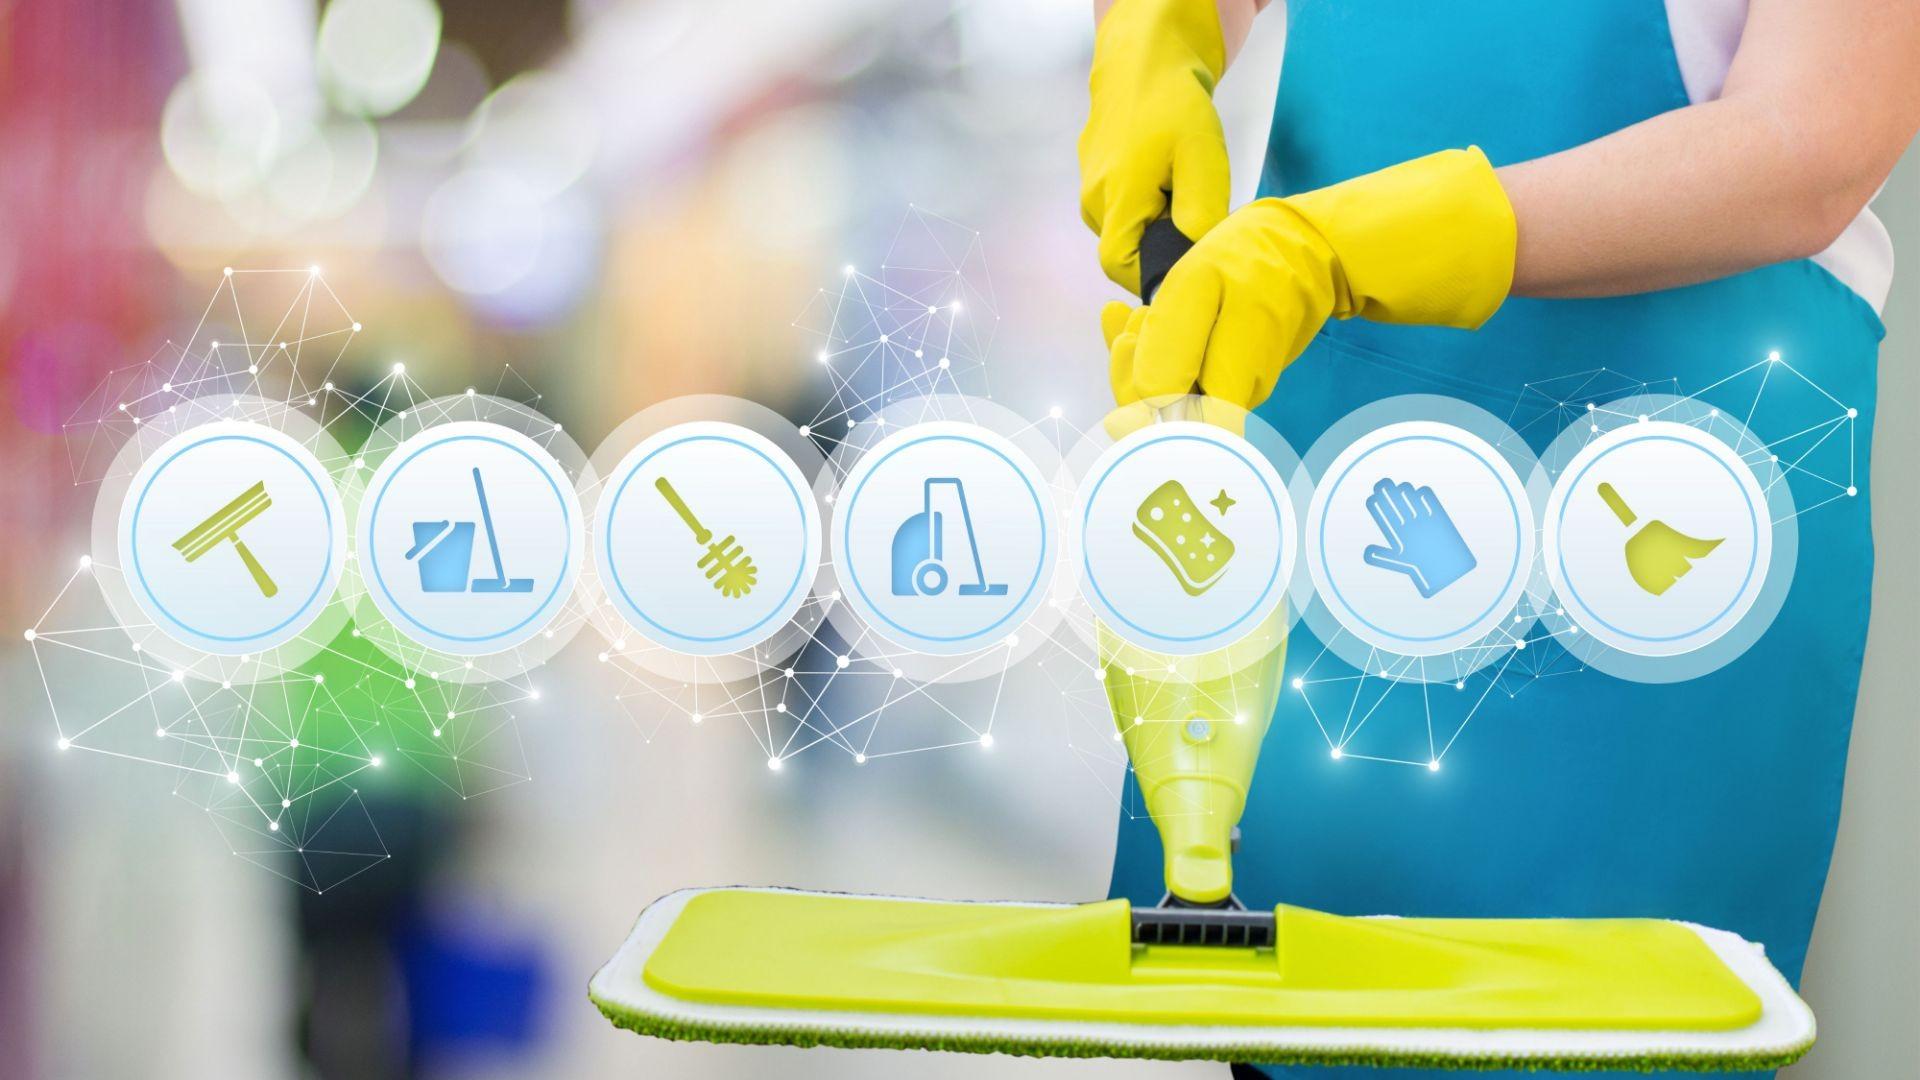 Servicios integrales de limpieza para empresas y comunidades